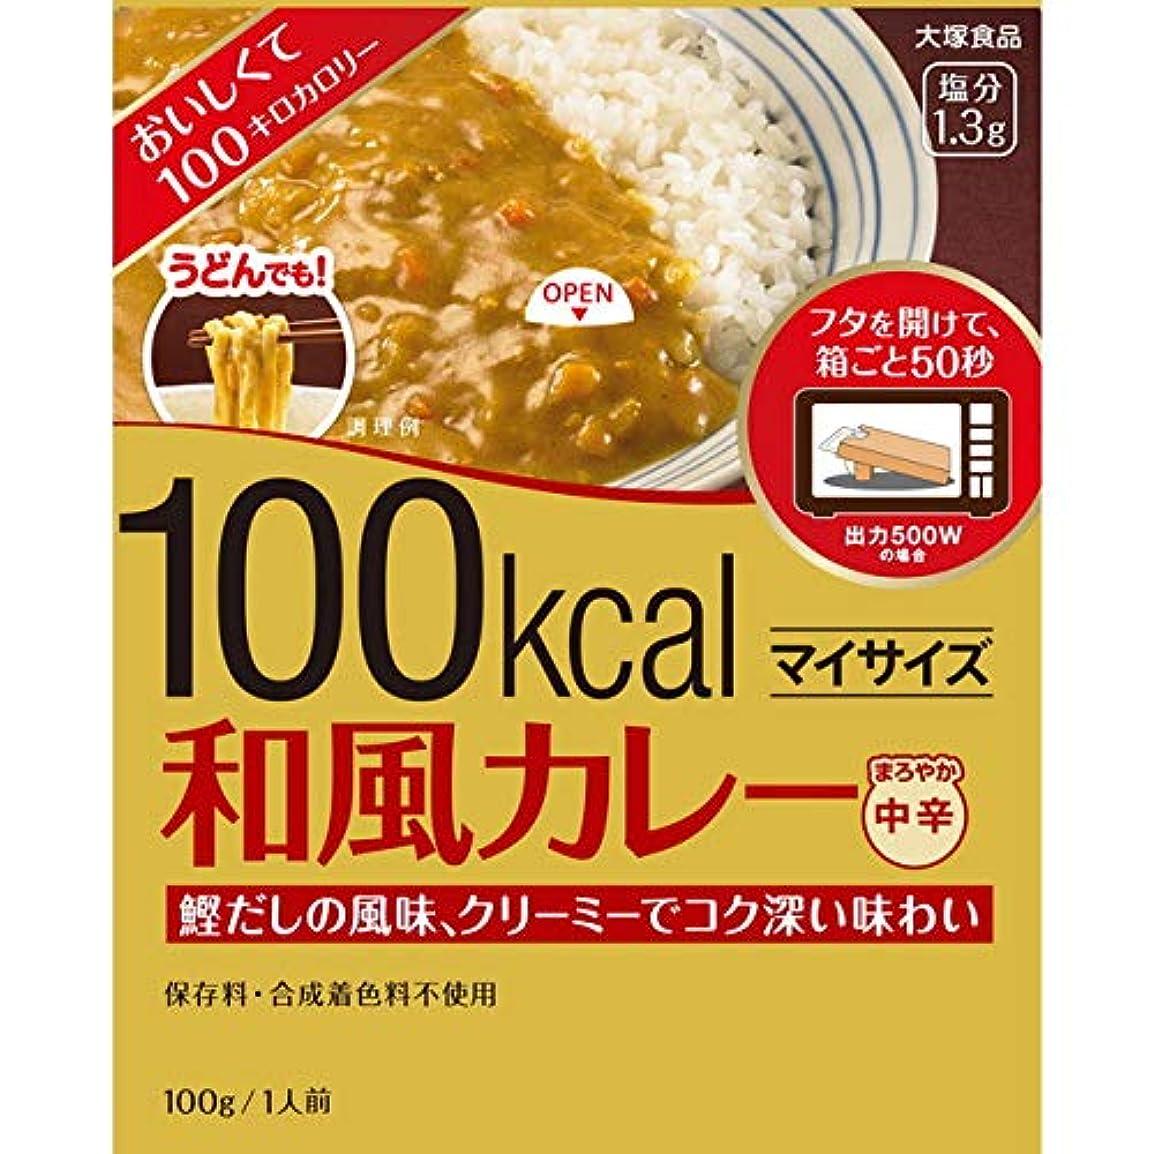 逆説強要有効な大塚 マイサイズ 和風カレー 100g【5個セット】